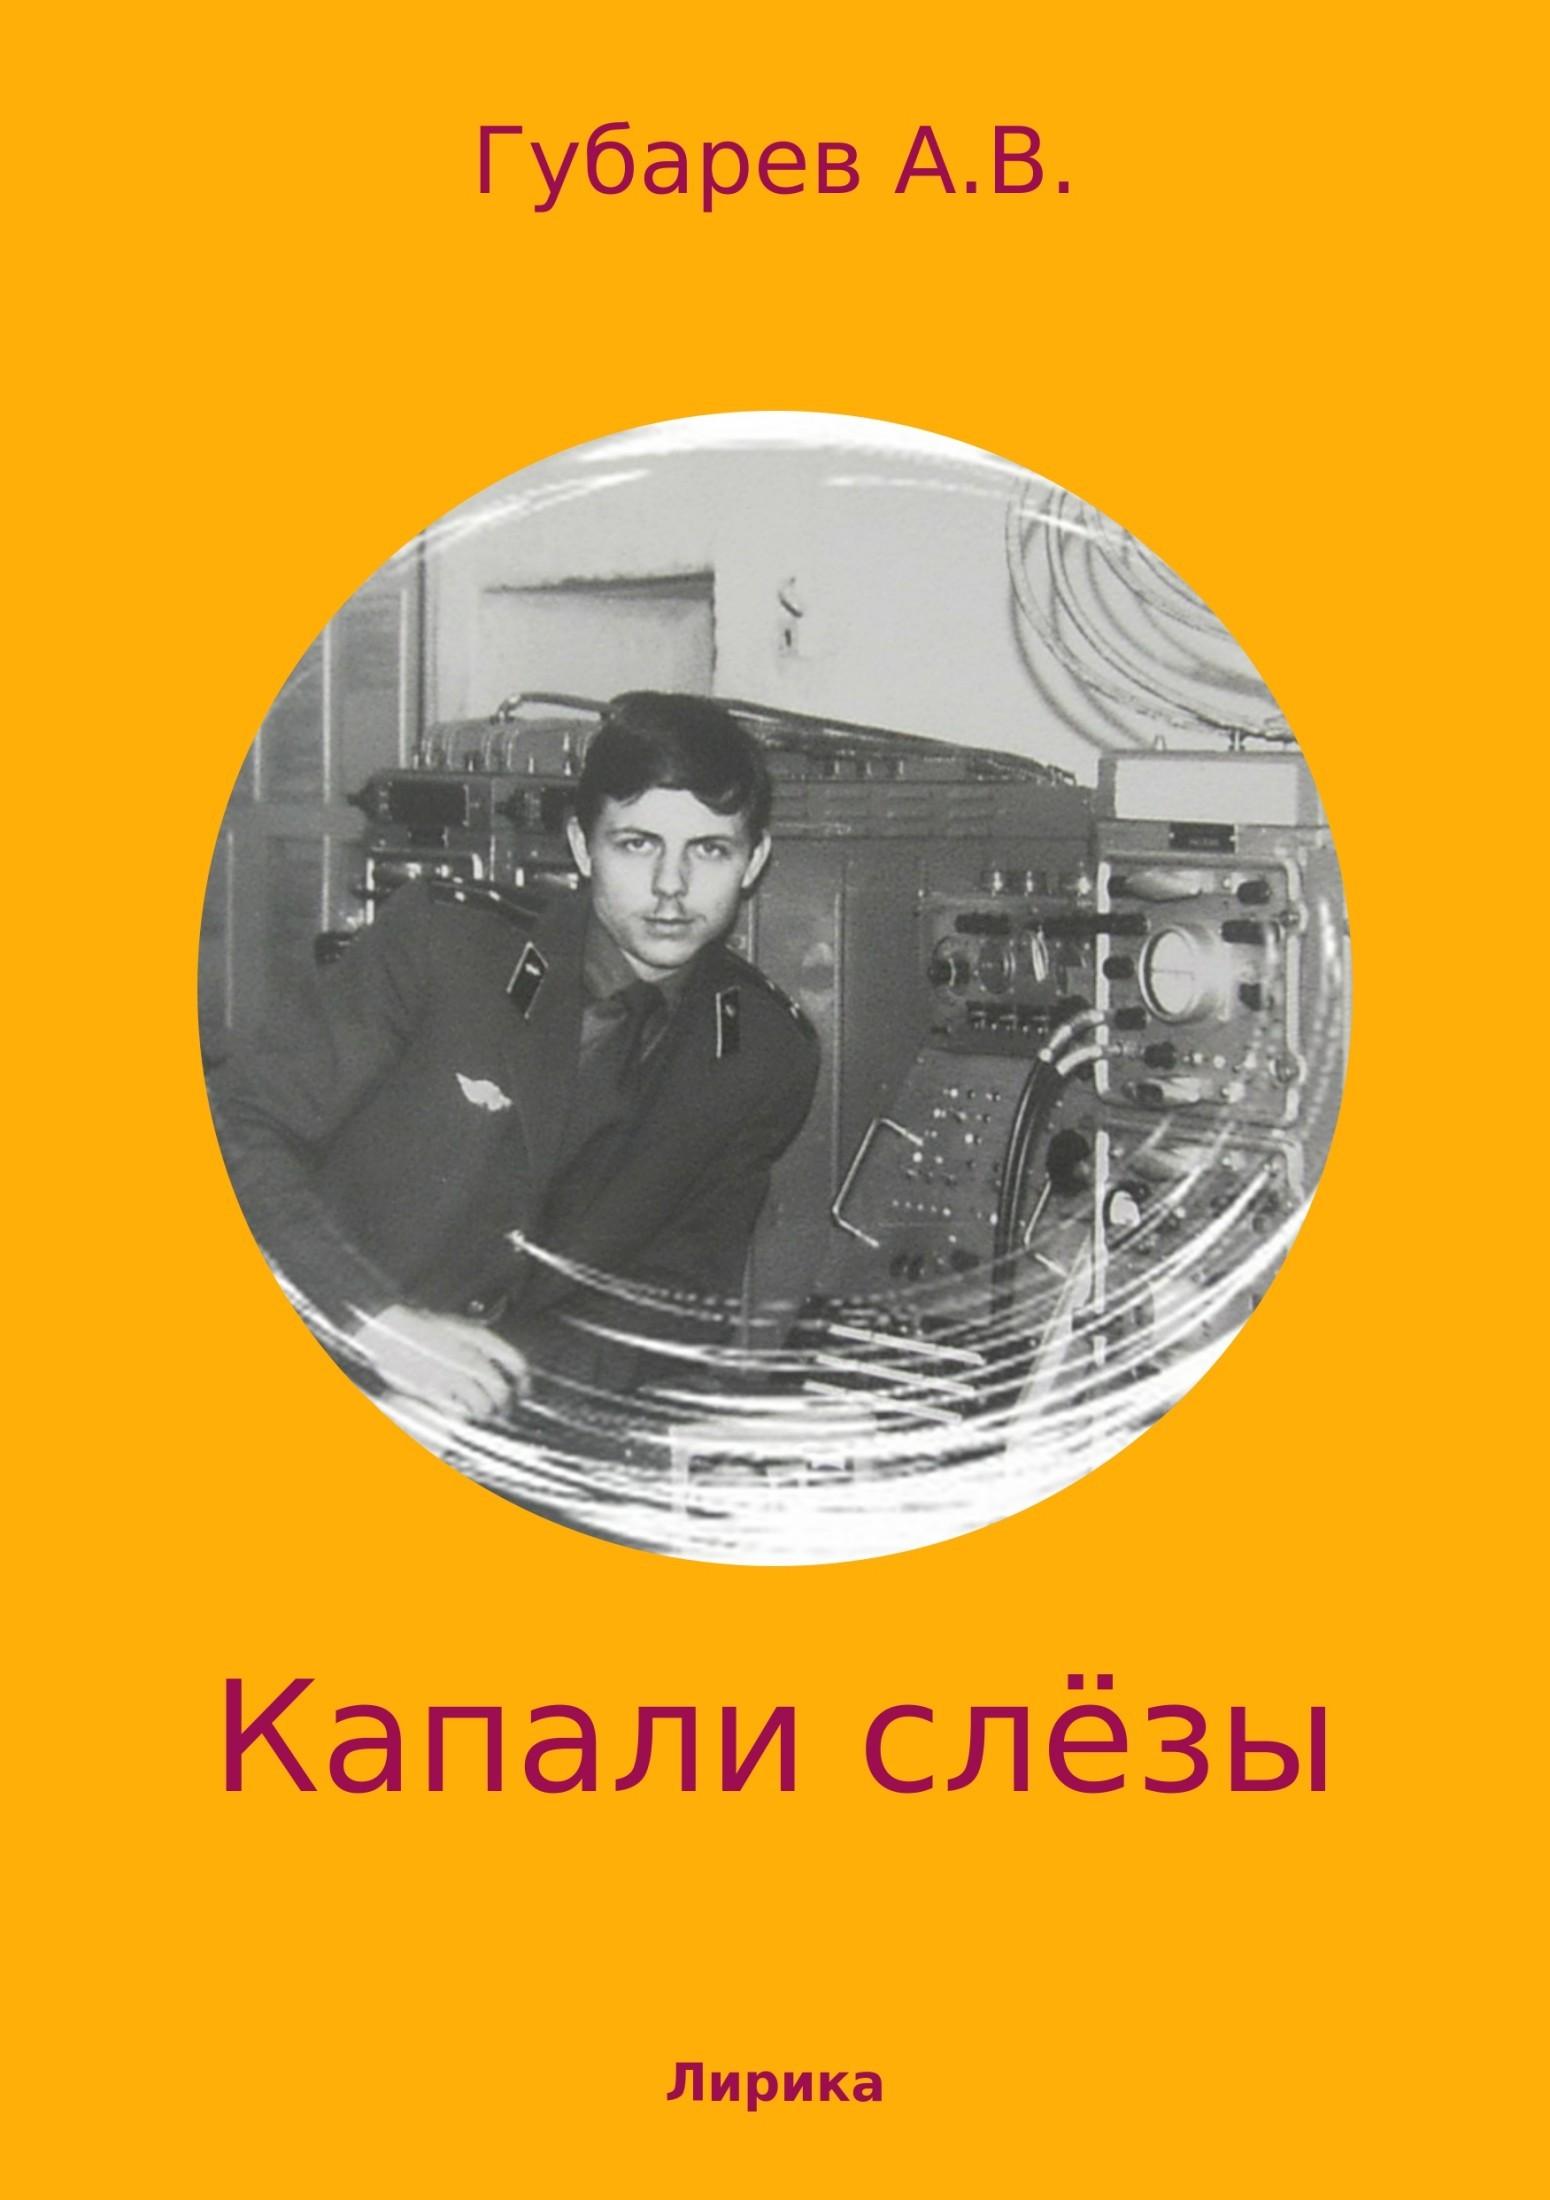 Алексей Васильевич Губарев Капали слёзы. Сборник стихотворений стоимость